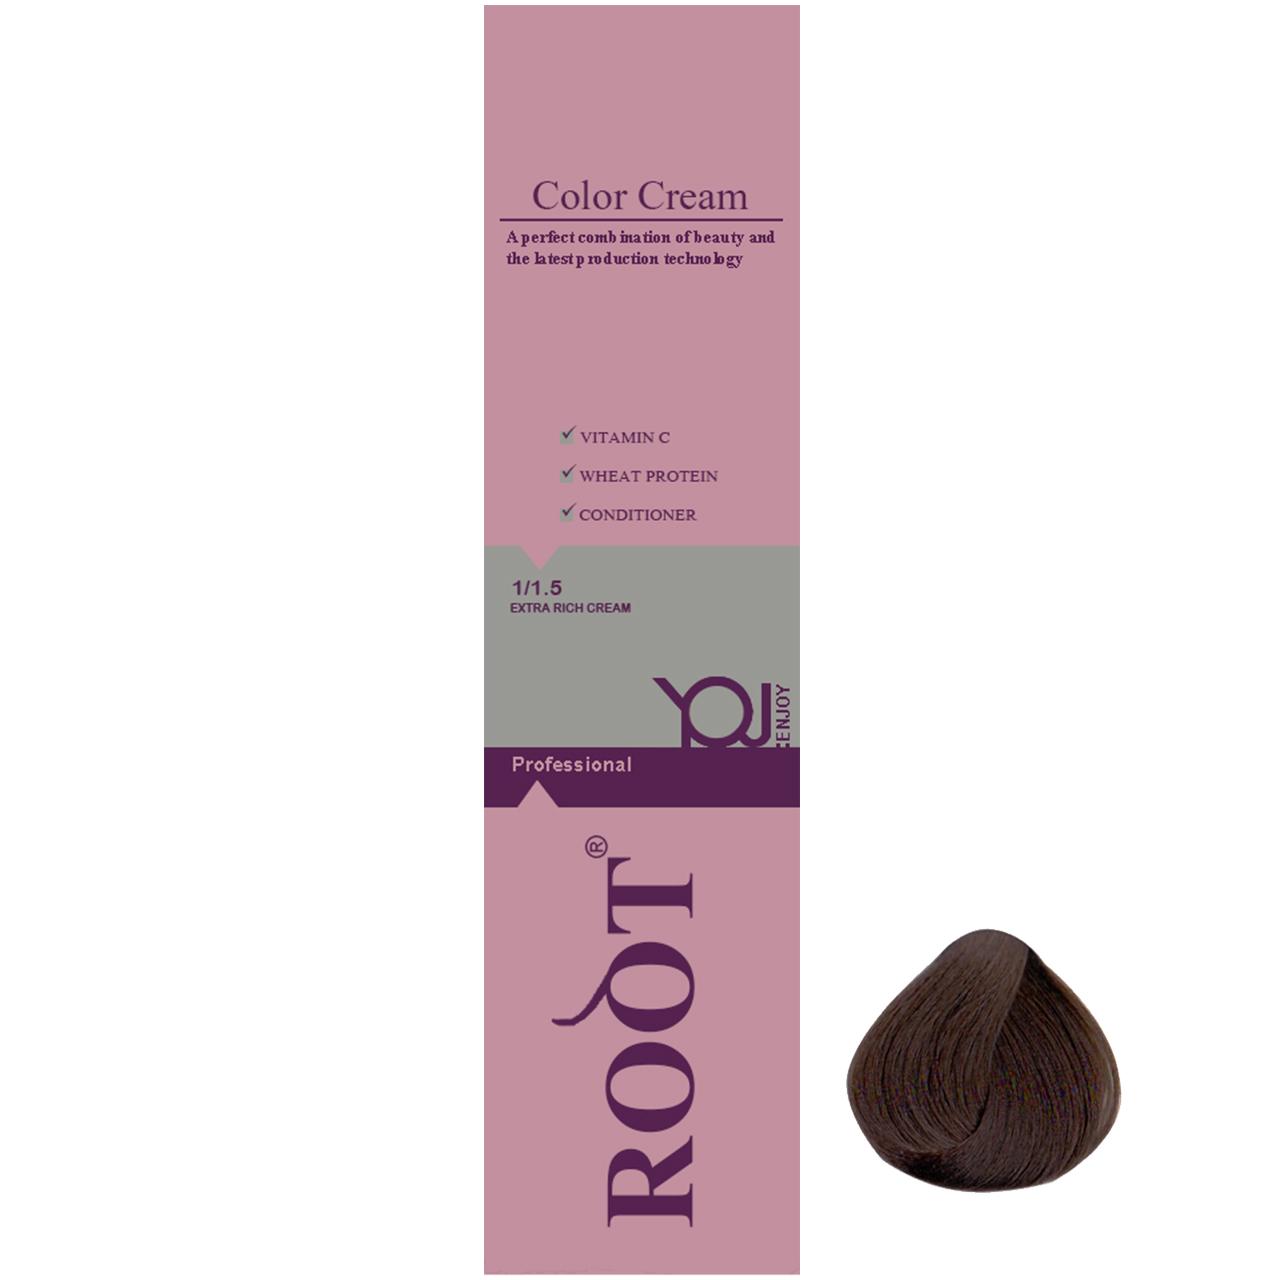 رنگ موی روت شماره 5.0 حجم 120 میلی لیتر رنگ قهوه ای